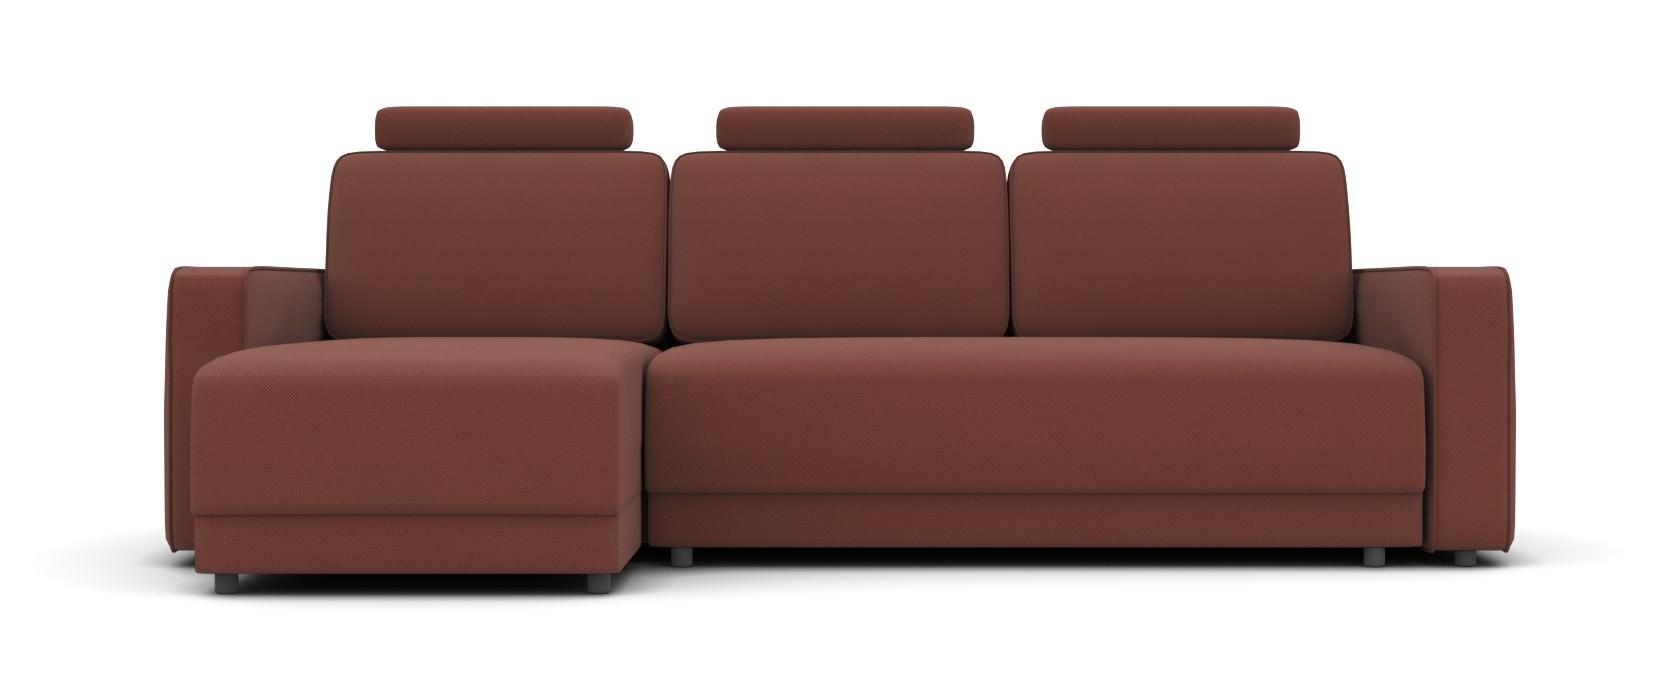 Угловой диван Dino с подголовниками - Pufetto